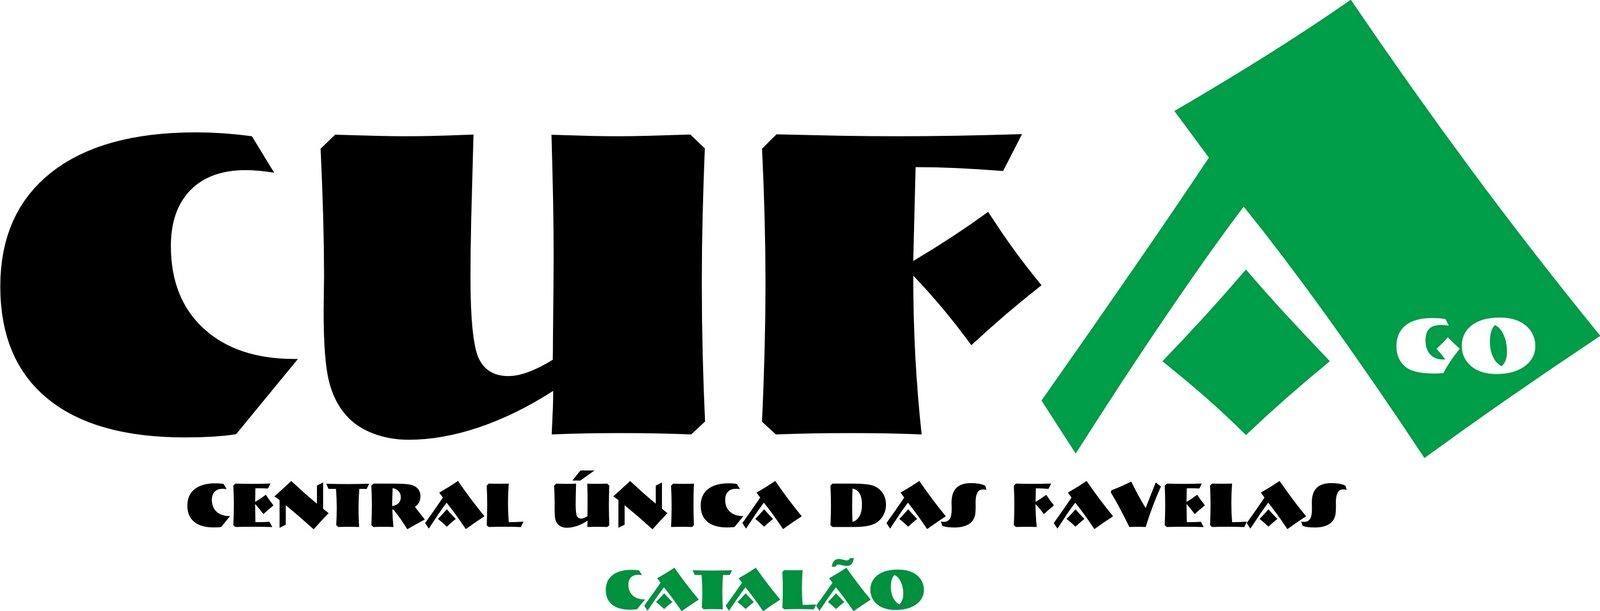 CUFA Catalão